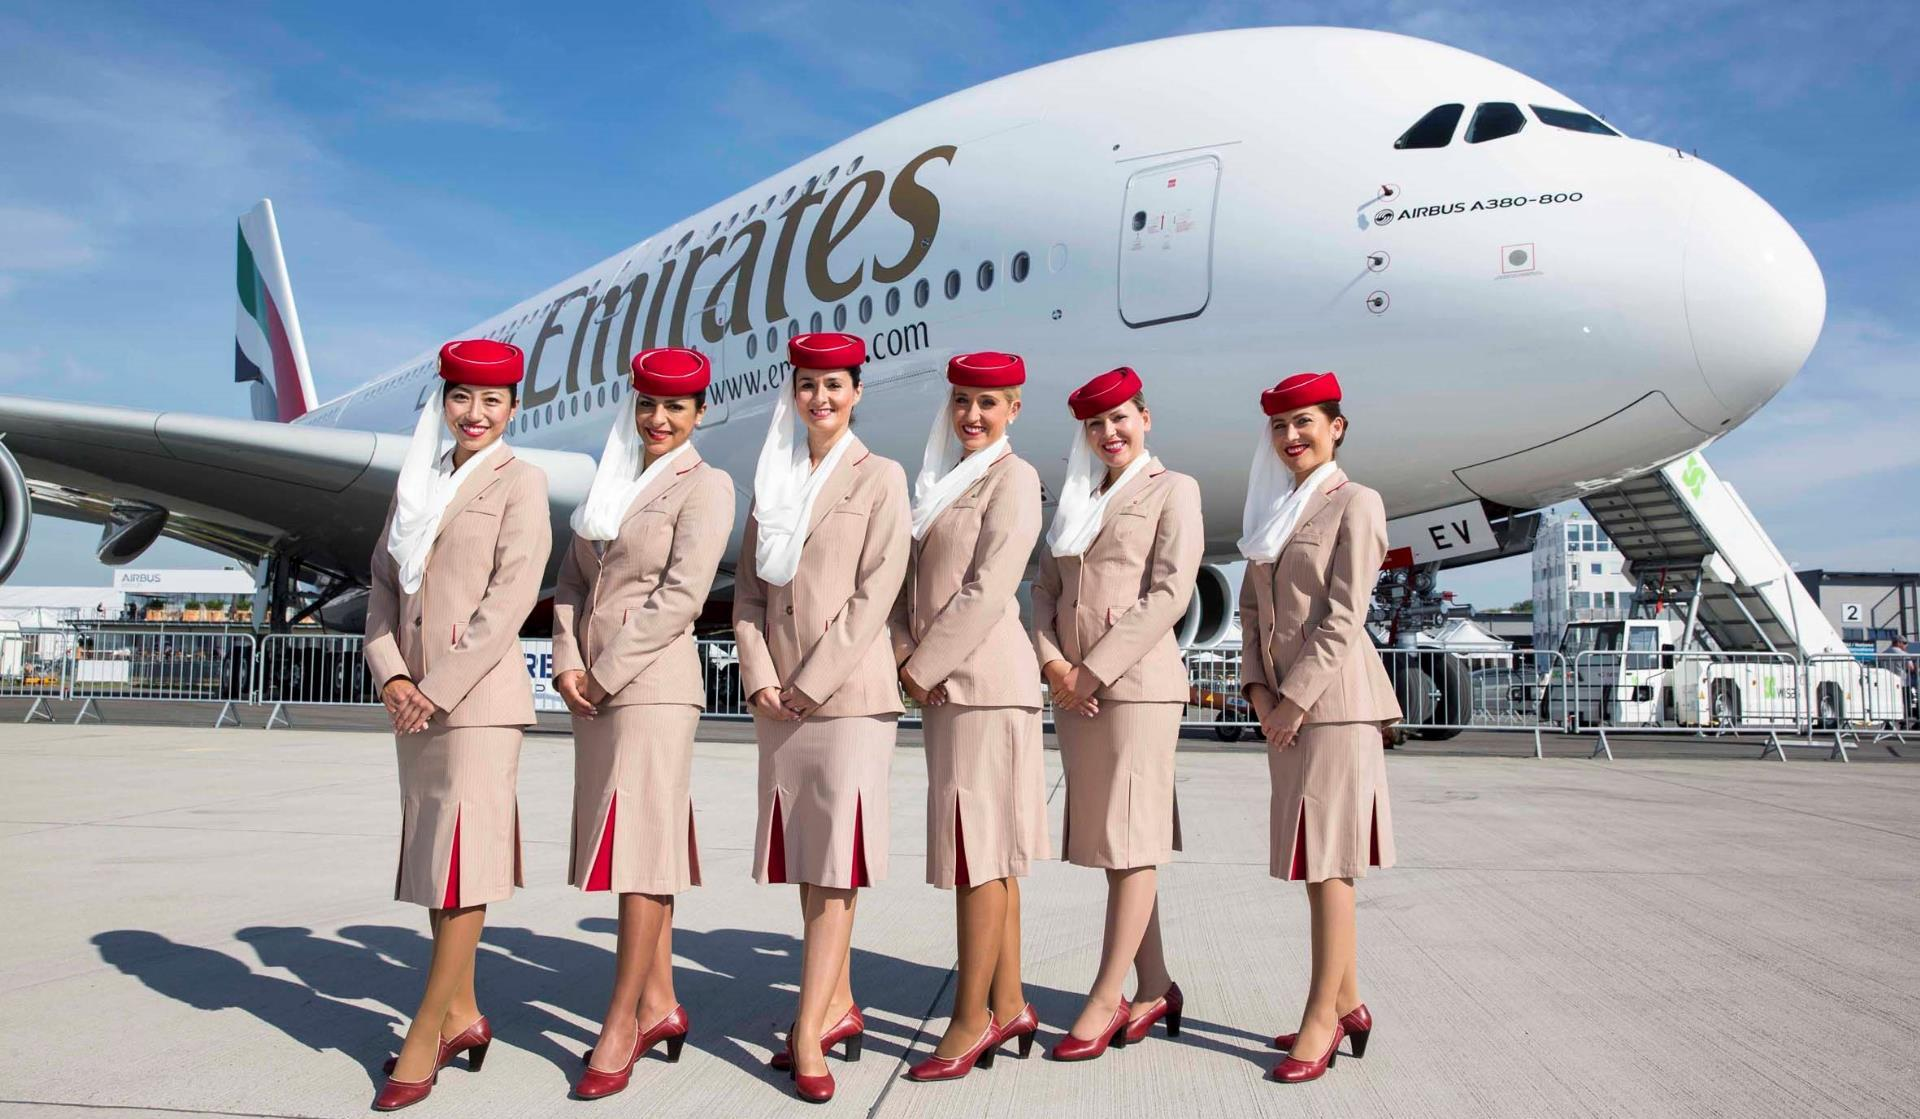 El Airbus A380 aterriza en Sudámerica de la mano de Emirates